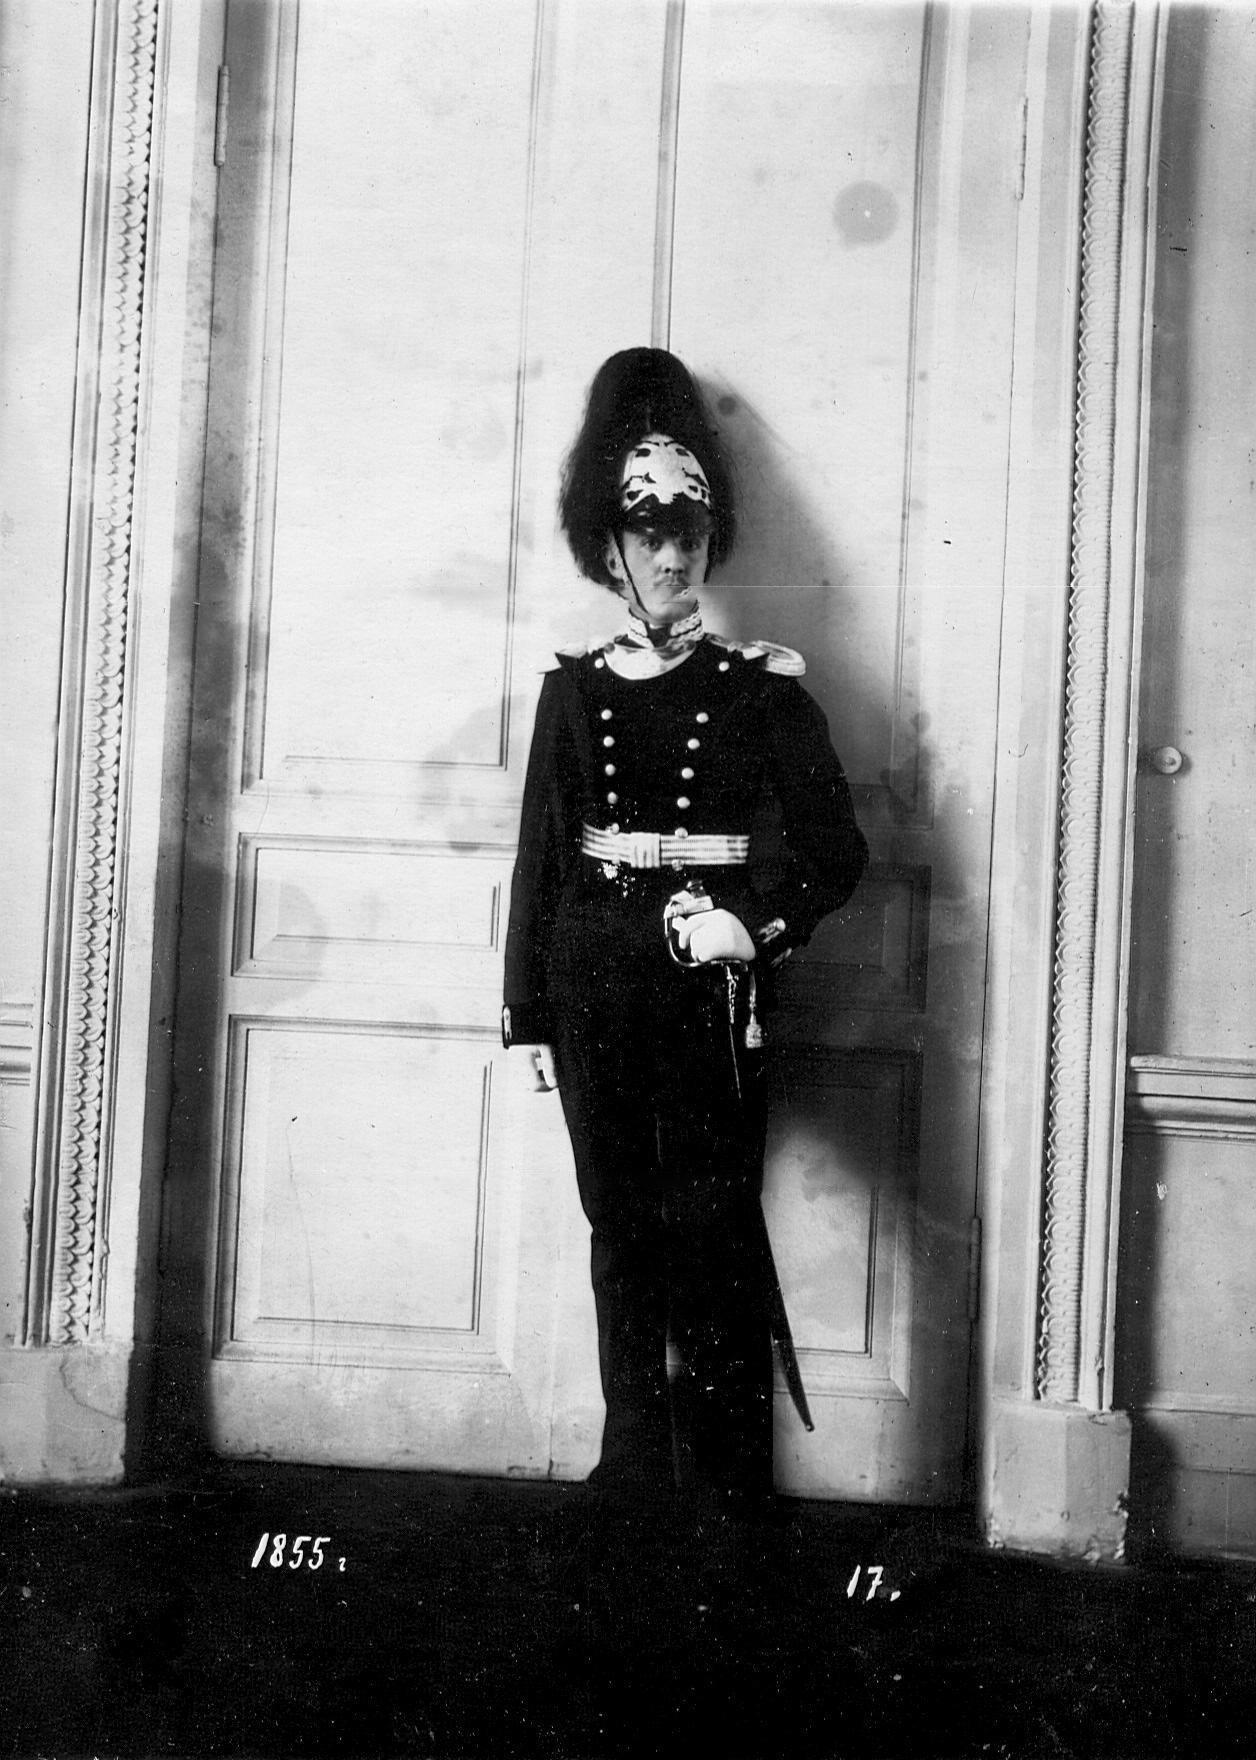 Форма офицера батальона образца 1855 года.